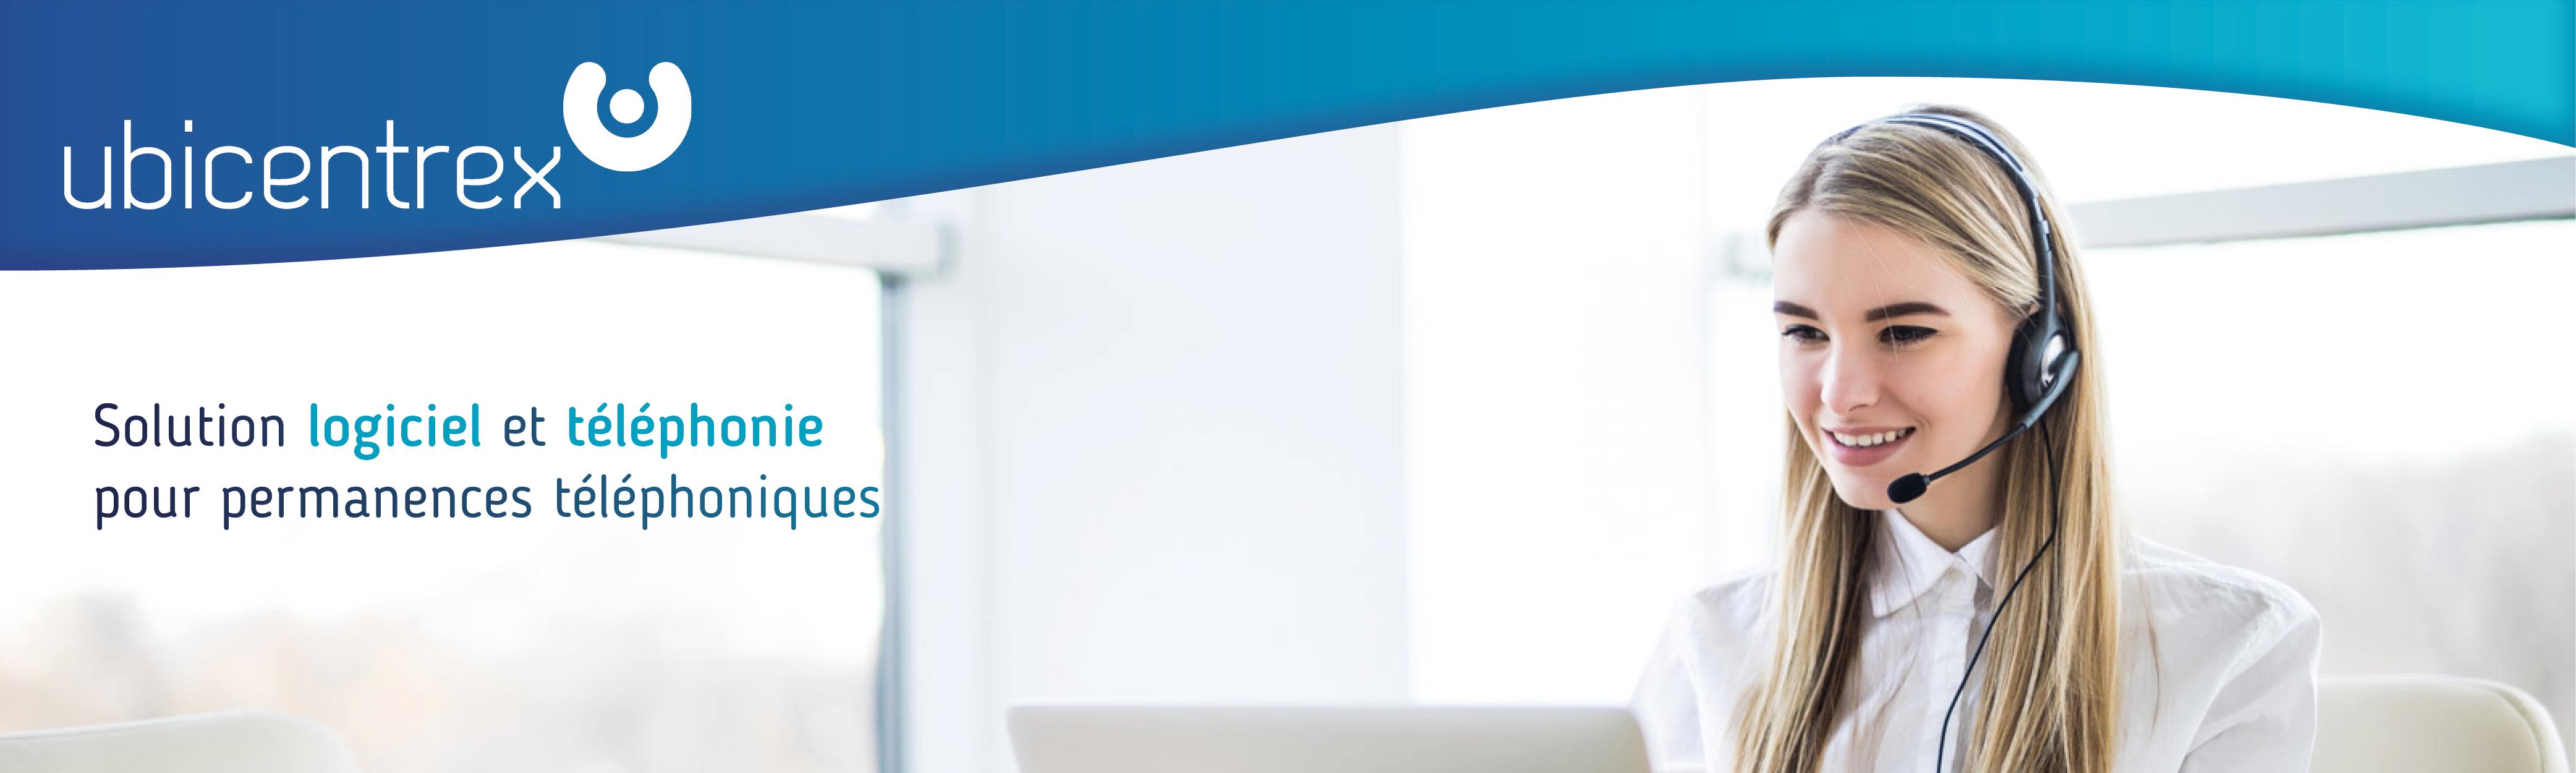 Avis Ubicentrex : Logiciel de gestion des centres d'appels - Appvizer